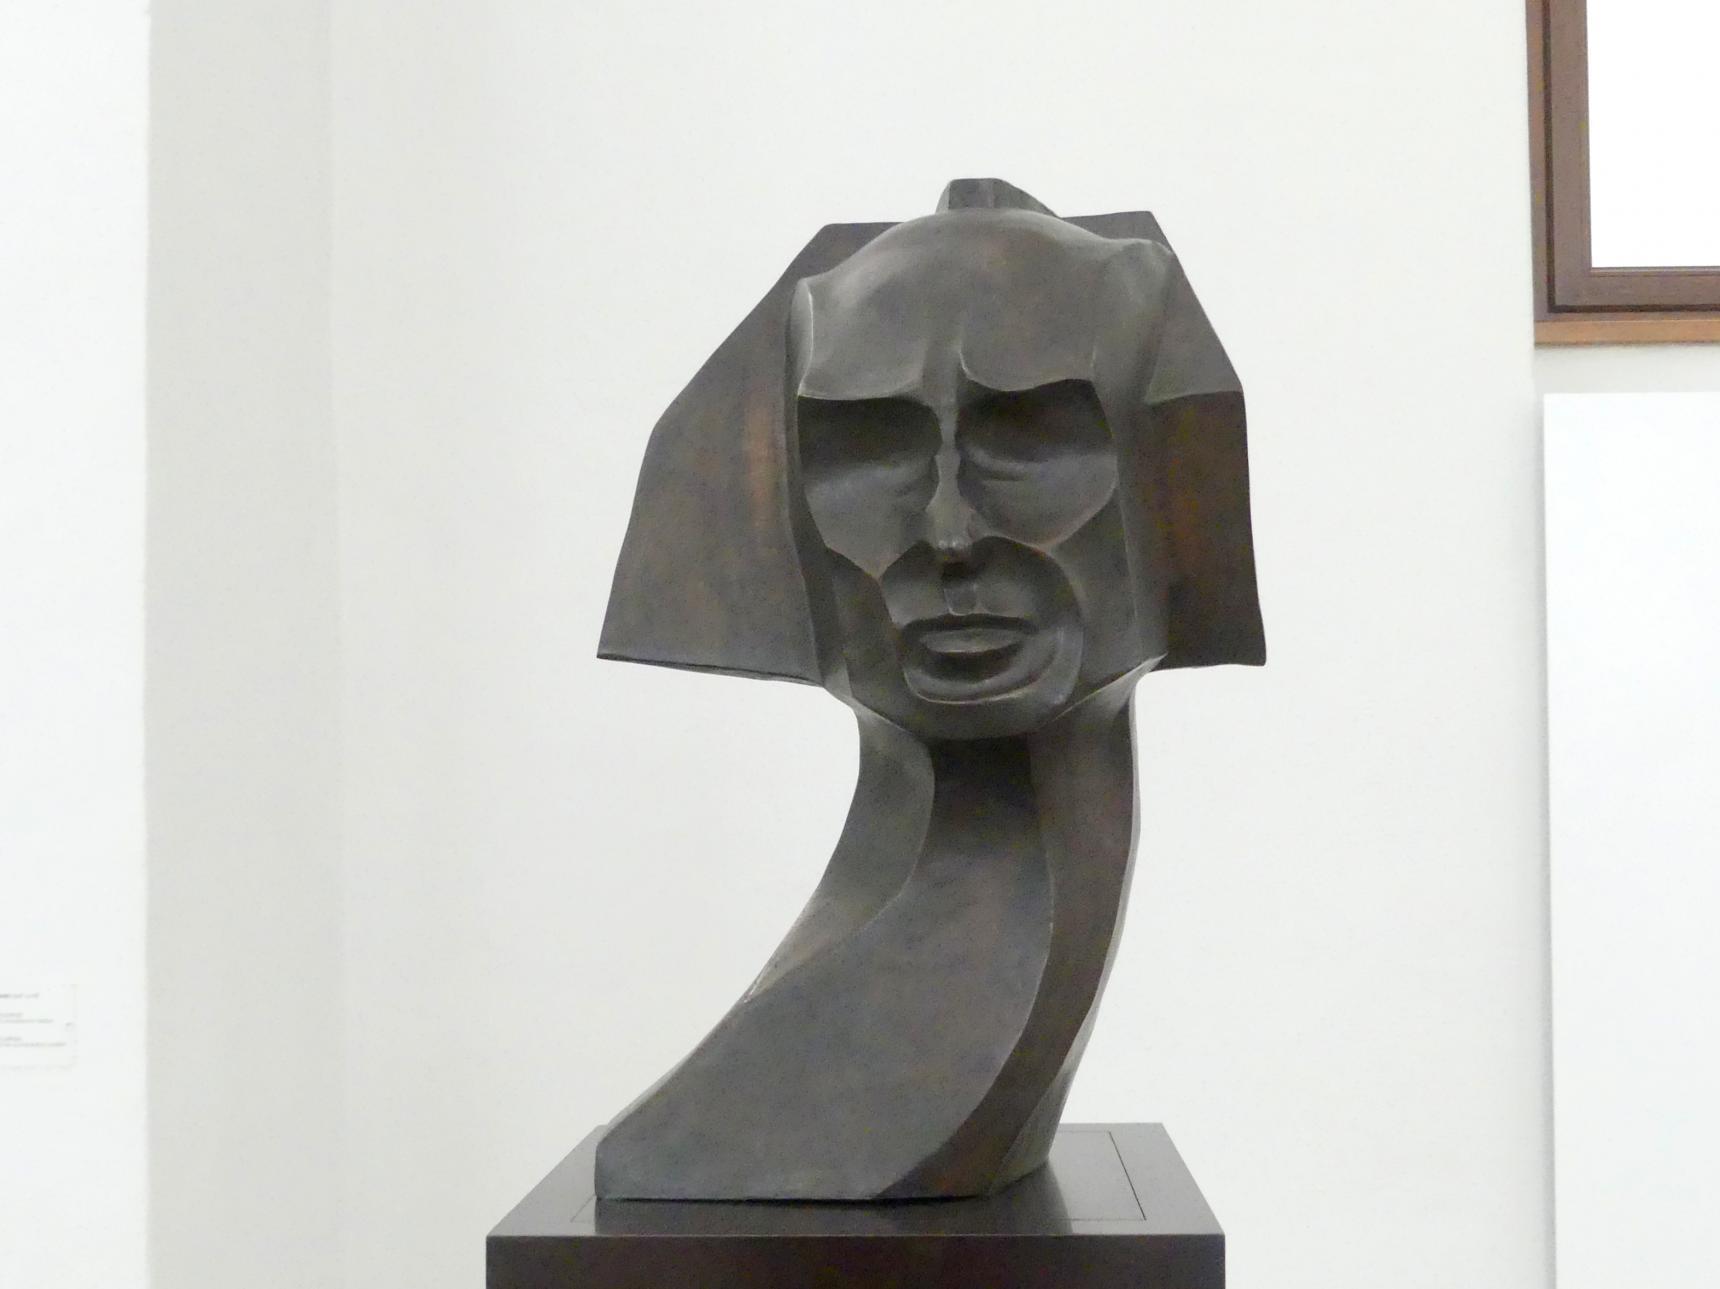 William Wauer: Herwarth Walden, 1917